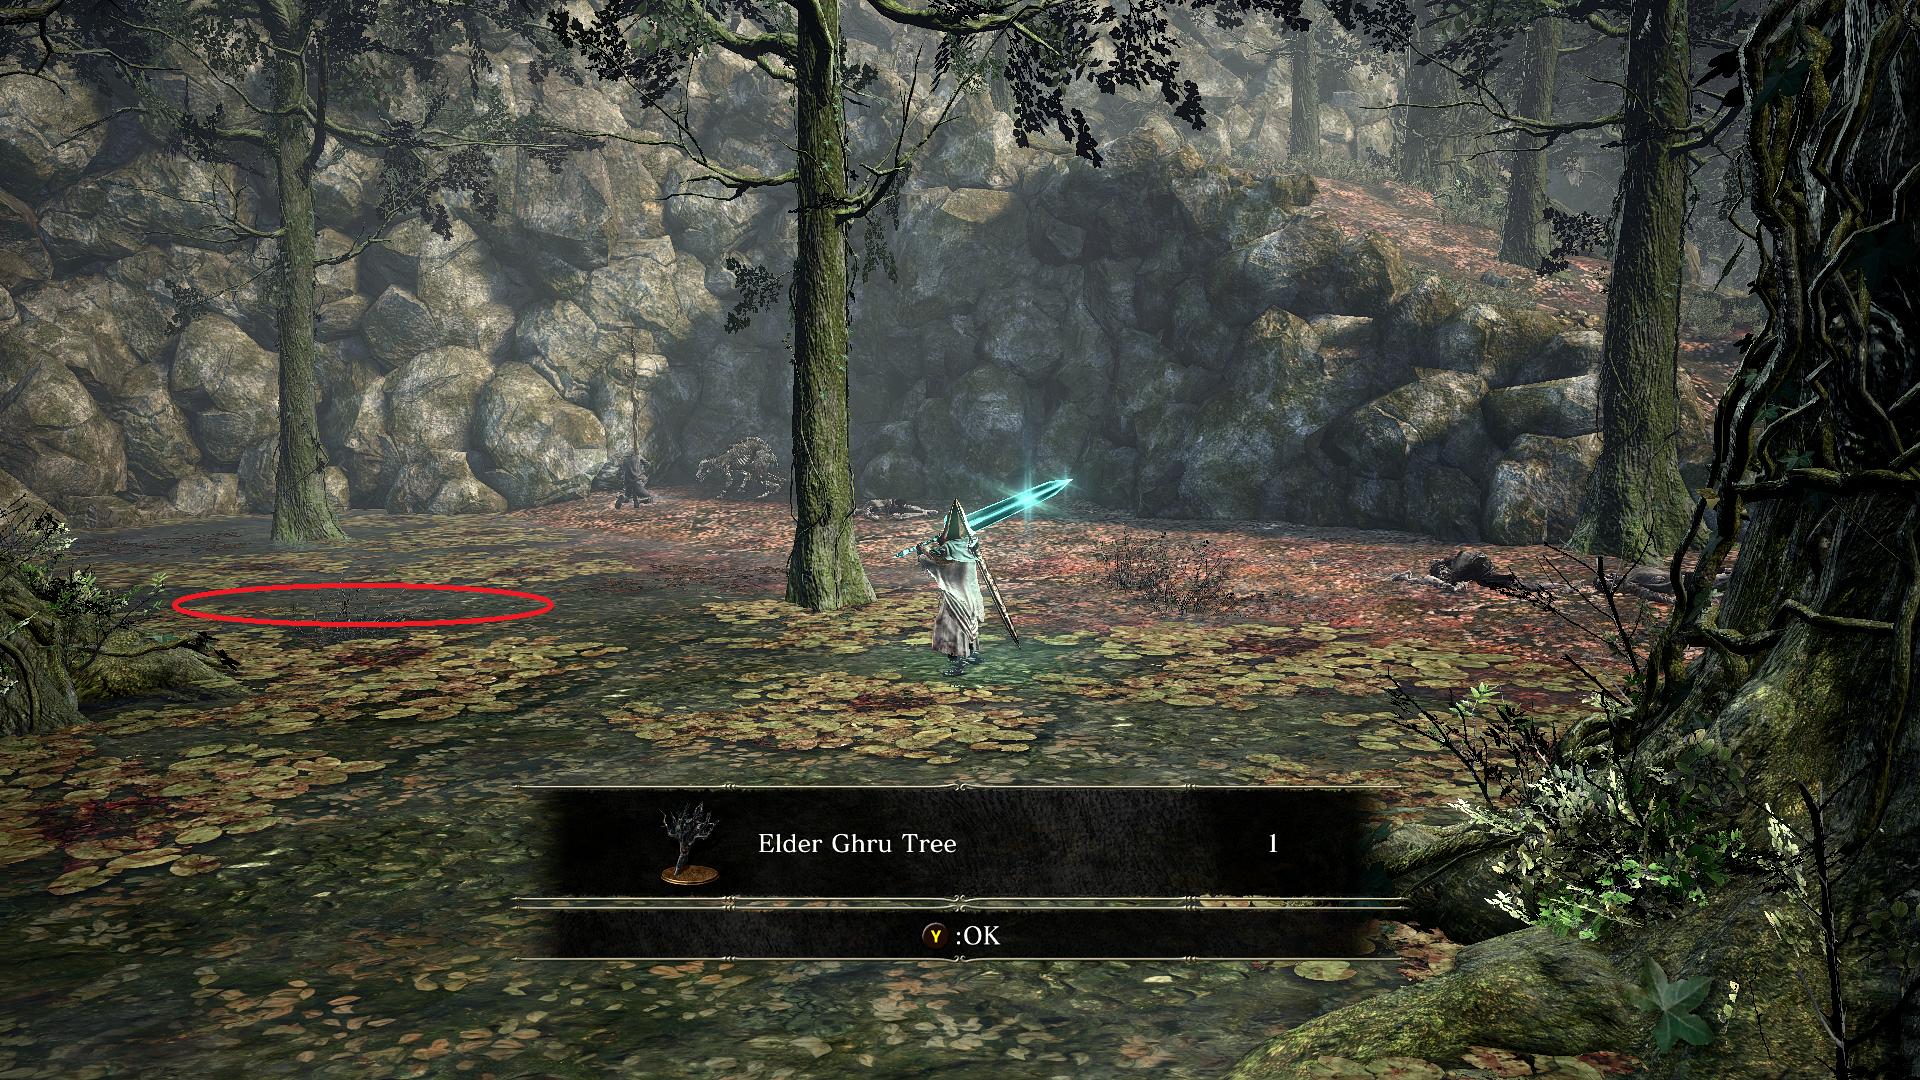 Elder_Ghru_Tree.png